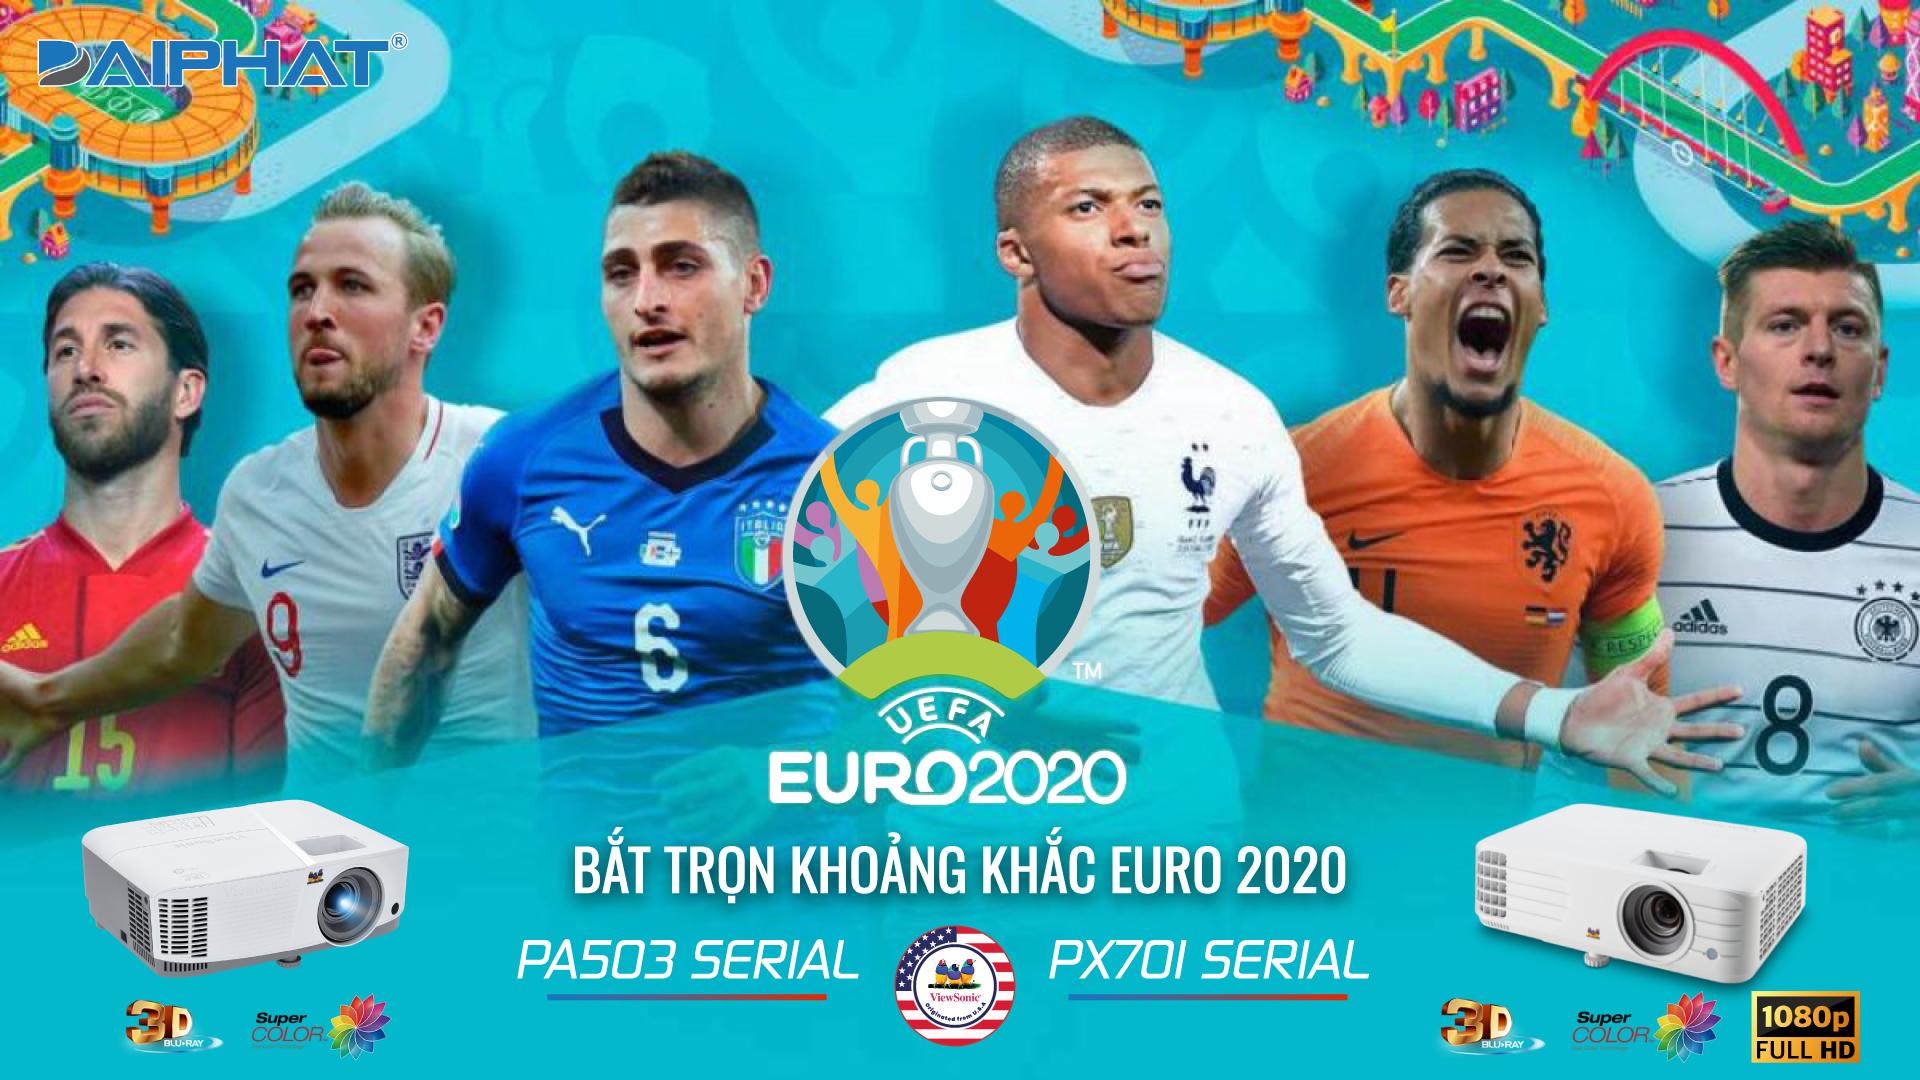 Máy_chiếu_bóng_đá_euro_2020_2021